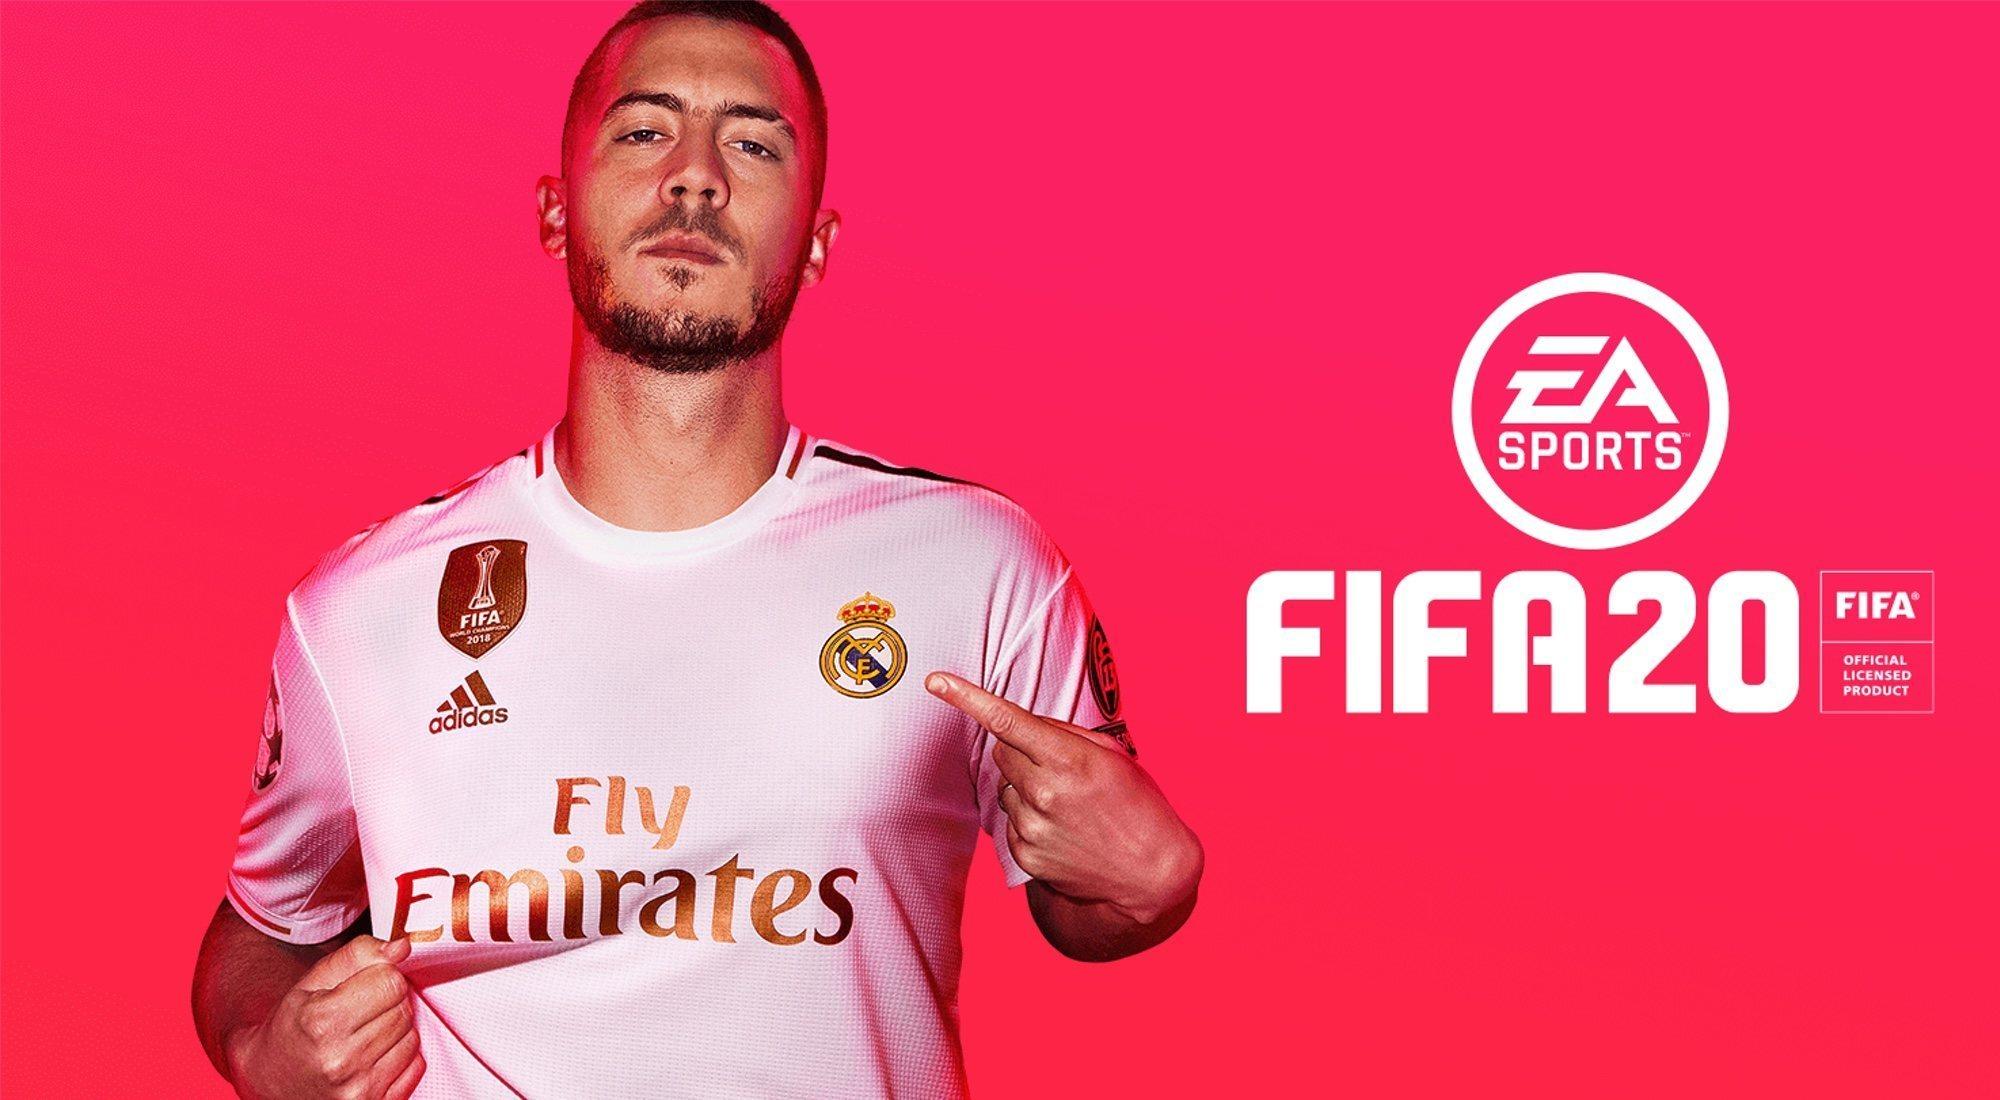 Manifestación contra EA y FIFA 20 en Madrid: fecha y detalles